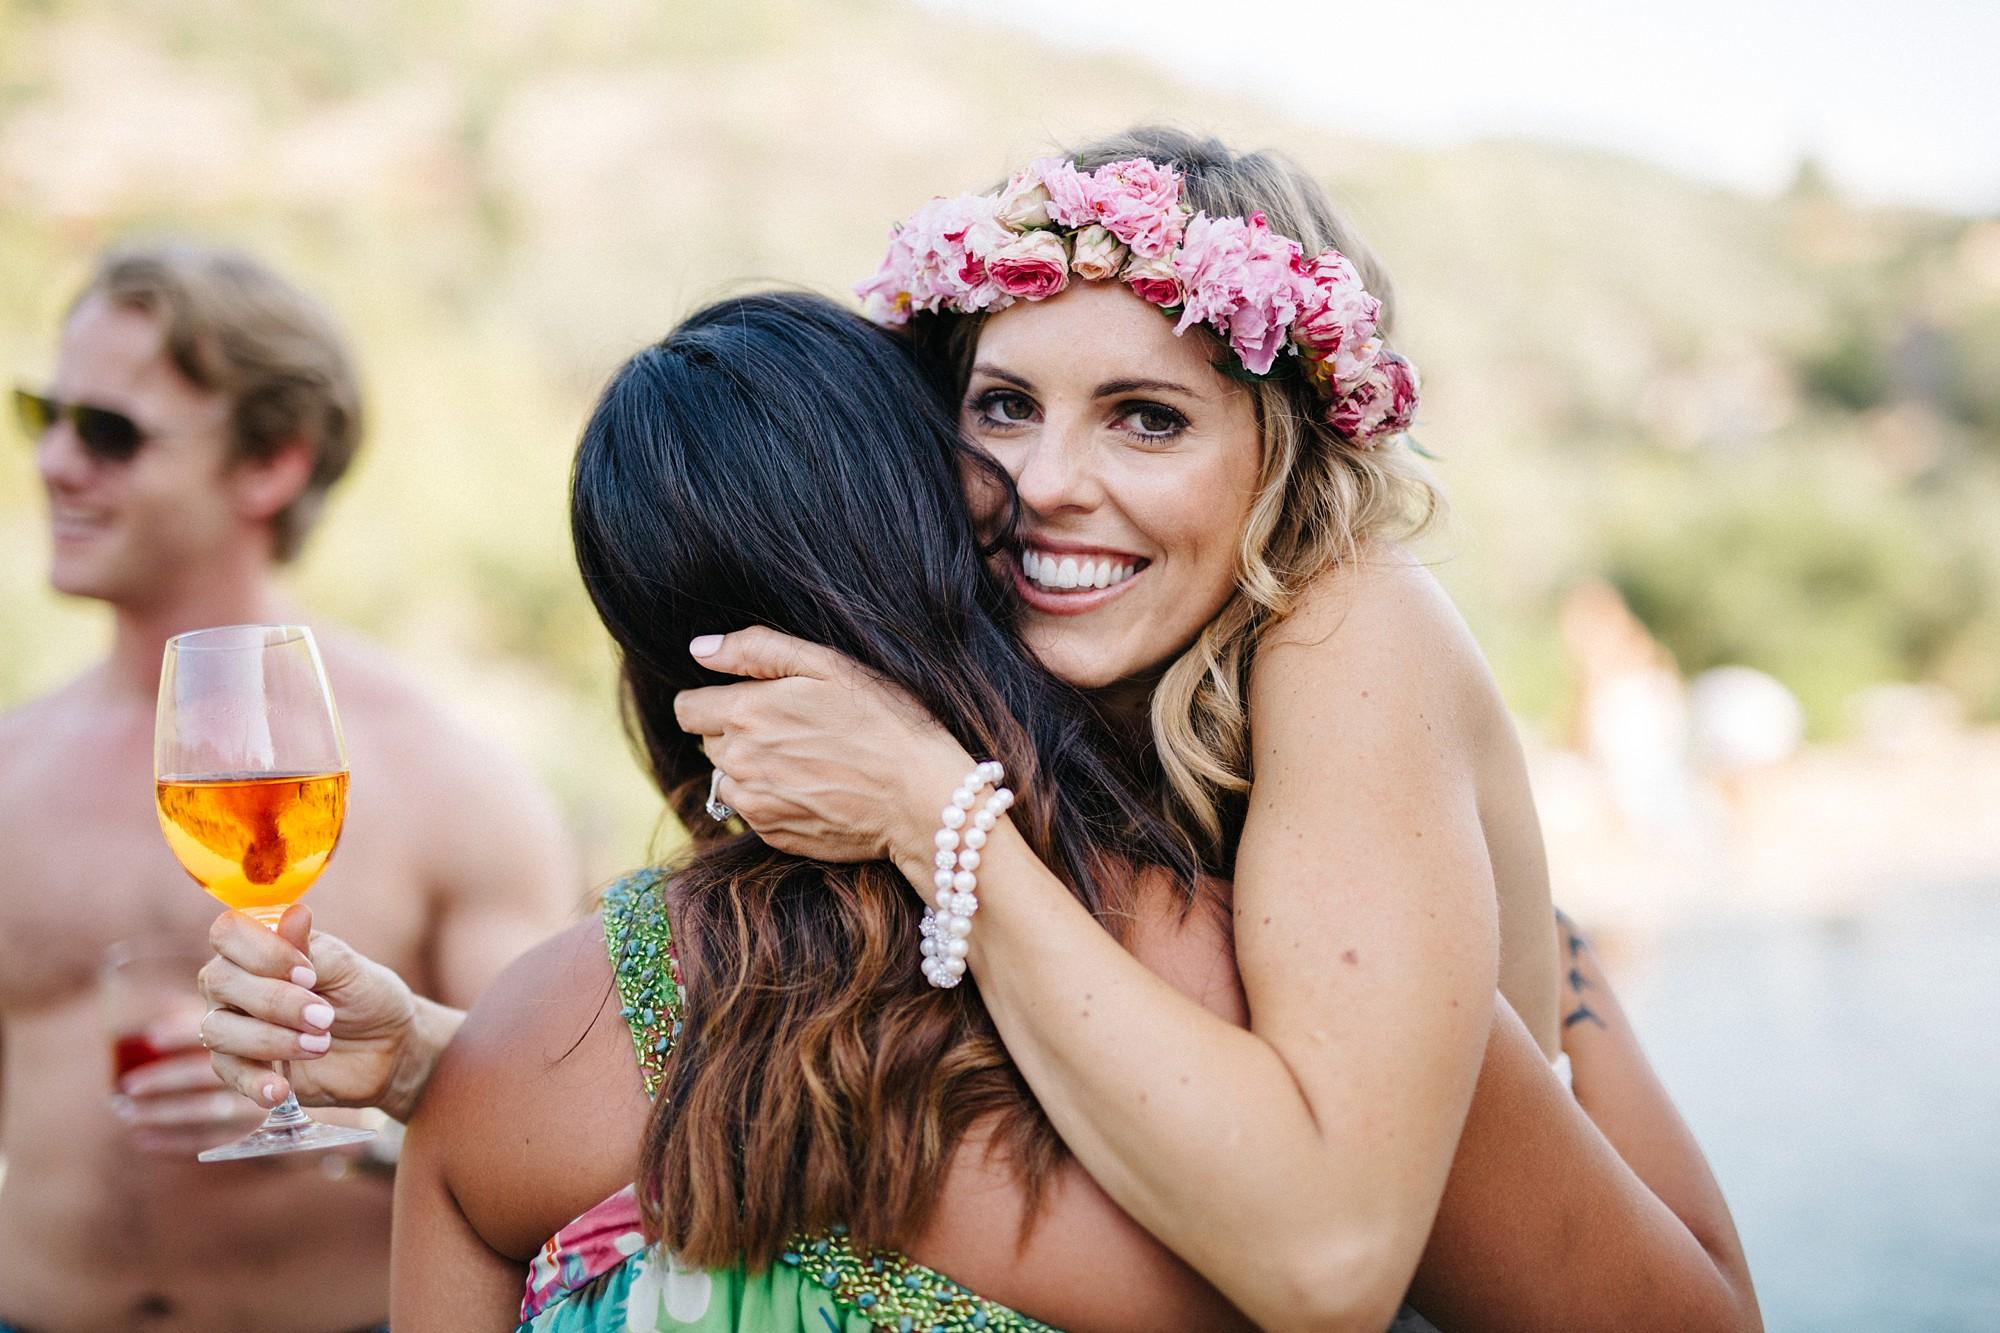 fotografos de boda en valencia barcelona mallorca wedding photographer166.jpg